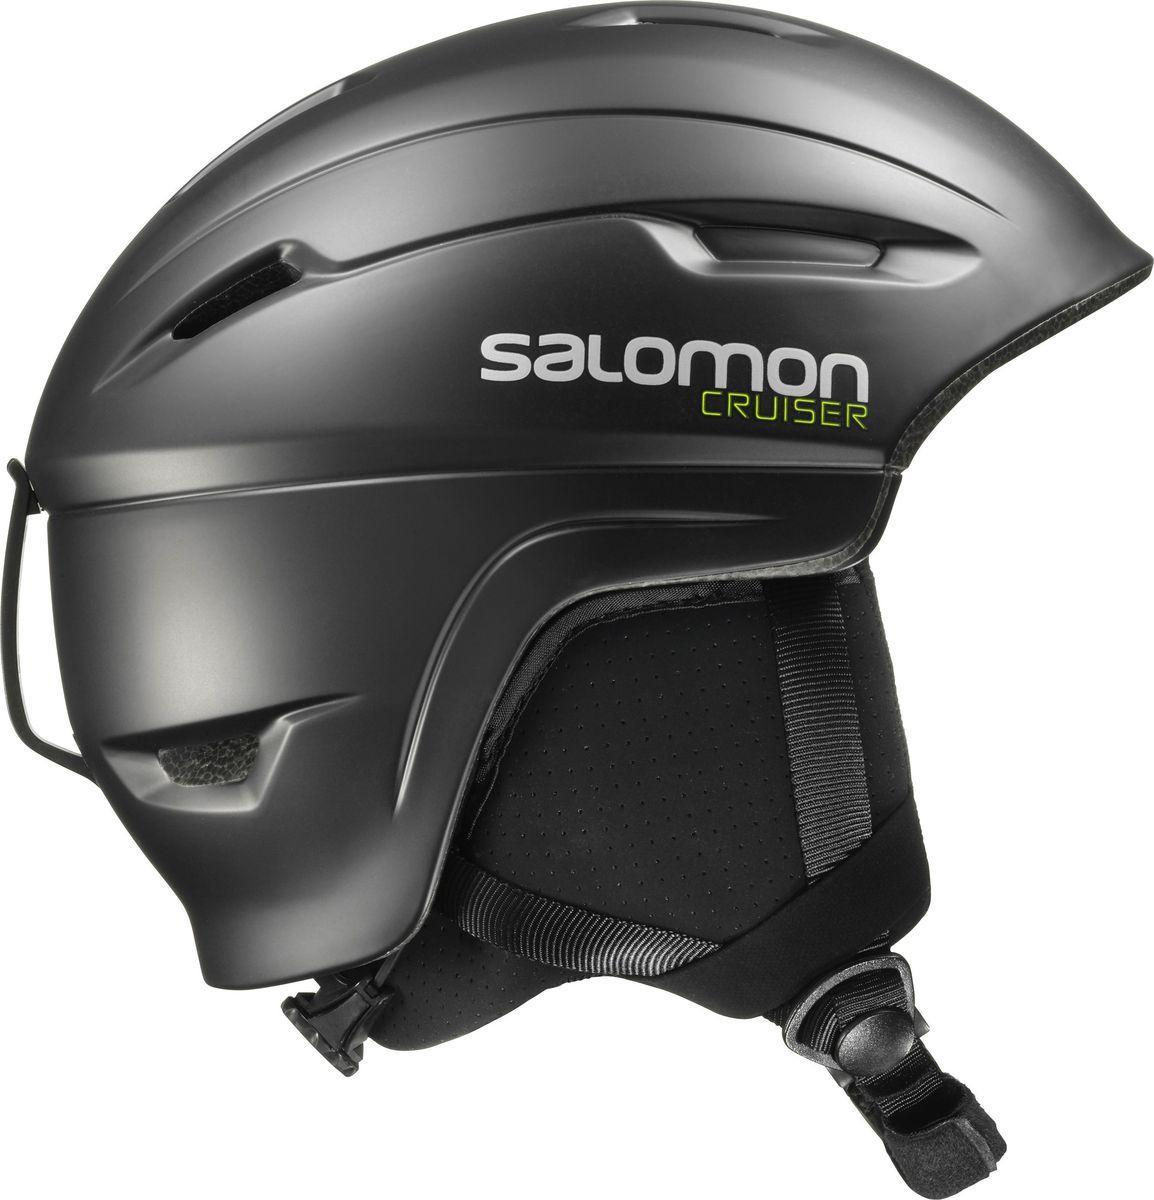 Шлем горнолыжный Salomon Helmet Cruiser 4D Black. Размер S (53/56)L39035100Шлем имеет верхнюю полуоткрытую конструкцию, выполненную как «раковина», в основе которой лежит материал полистирол. Достигается впечатляющая вентиляция посредством использования циркулируемого воздушного потока. Материал легко отстирывается, даже после больших загрязнениях на поверхности. Включена и специальная конструкции наушников, которая может без проблем интегрироваться с любой аудиосистемой. Имеет высокую прочность, долговечность. Шлем с применением инновационного материала EPS 4D -эффективное поглощение удара с любого направления - наклонного или вертикального. Система регулировки размера Custom Dial - система быстрой и удобной регулировки поворотным кольцом сзади шлема. Система вентиляции Airflow - вентиляционные каналы, расположенные в стратегически важных зонах, делают воздушный поток и вывод тепла. Съемная подкладка. Съемная защита ушей. Шлем совместим с аудио-аксессуарами.